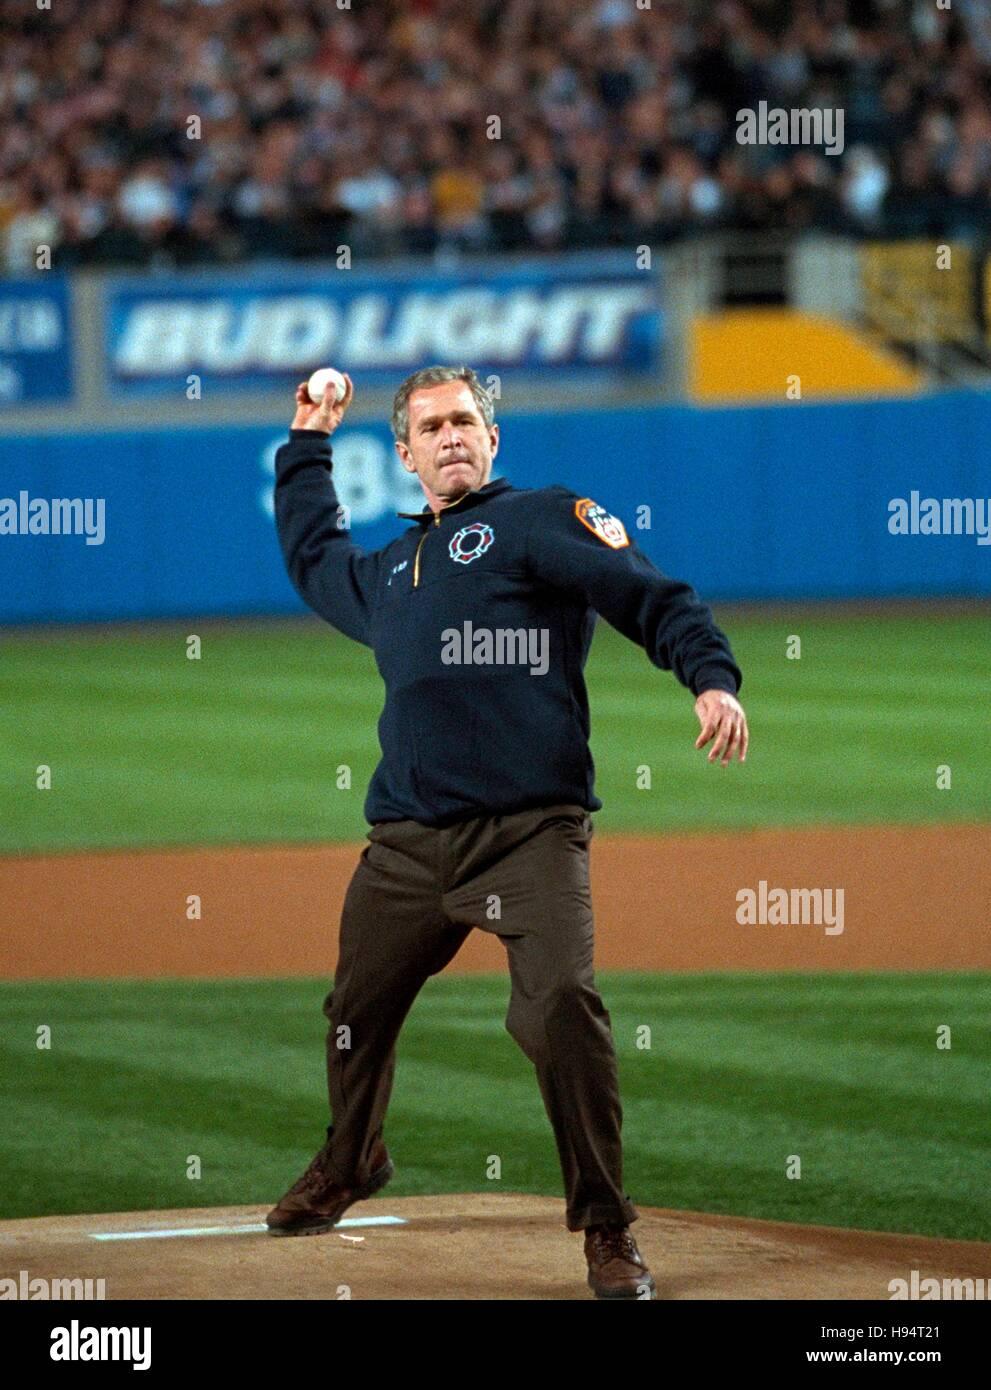 Le président américain George W. Bush lance la première balle de cérémonie avant trois jeu de la Série mondiale entre les Diamondbacks de l'Arizona et les Yankees de New York au Yankee Stadium le 30 octobre 2001 à New York City, New York. Banque D'Images